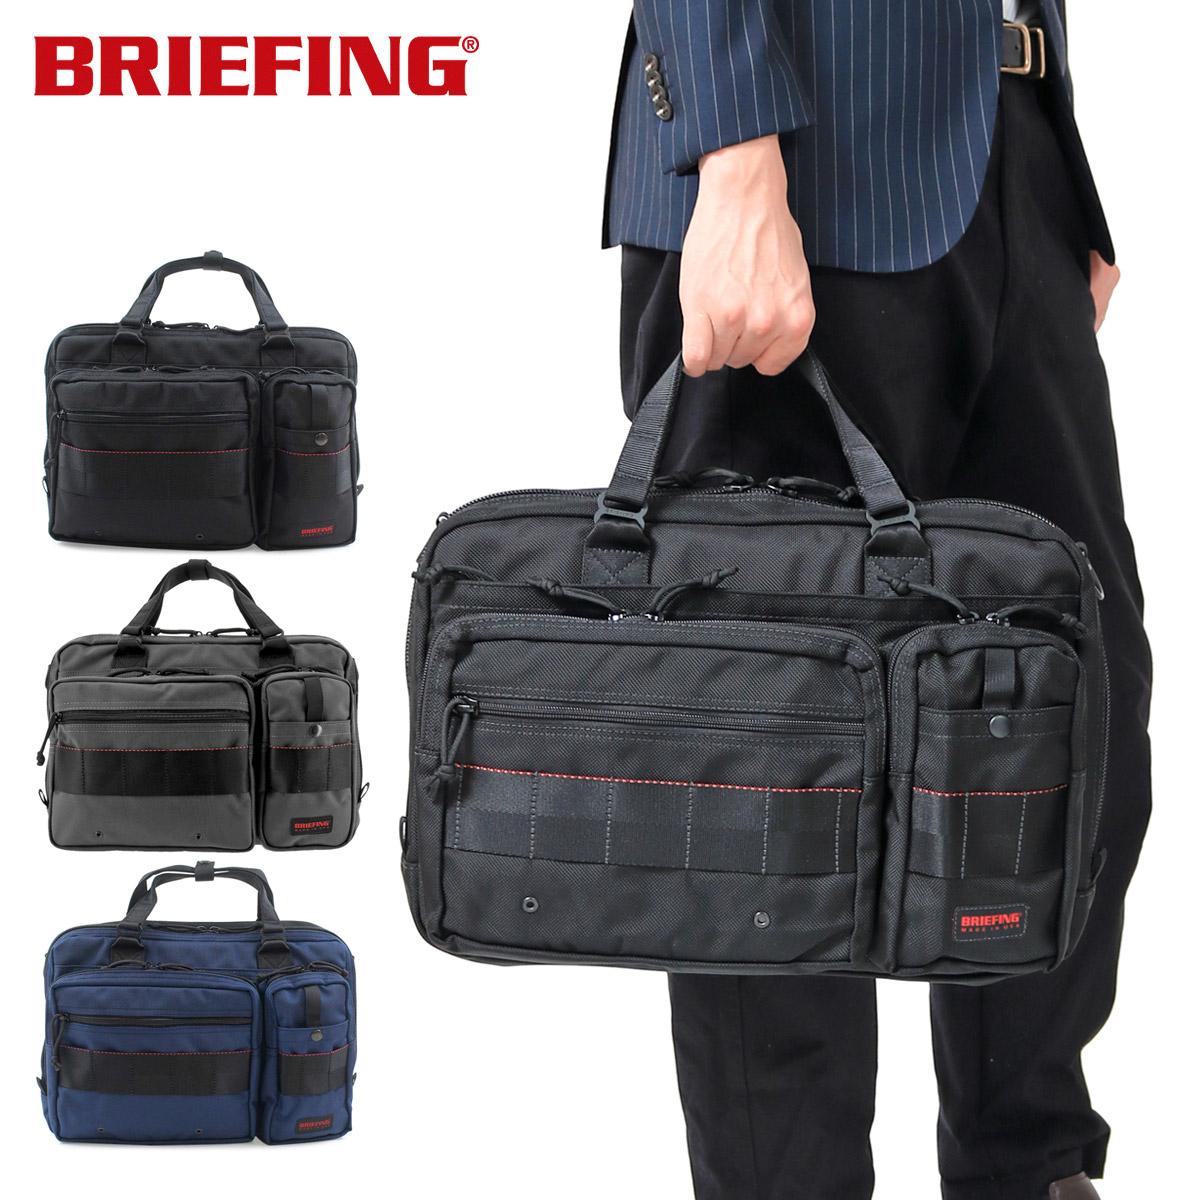 ブリーフィング ショルダーバッグ メンズ 2WAY USA ライナー BRF174219 BRIEFING ビジネスバッグ キャリーオン セットアップ A4 バリスティックナイロン [PO10][bef][即日発送]